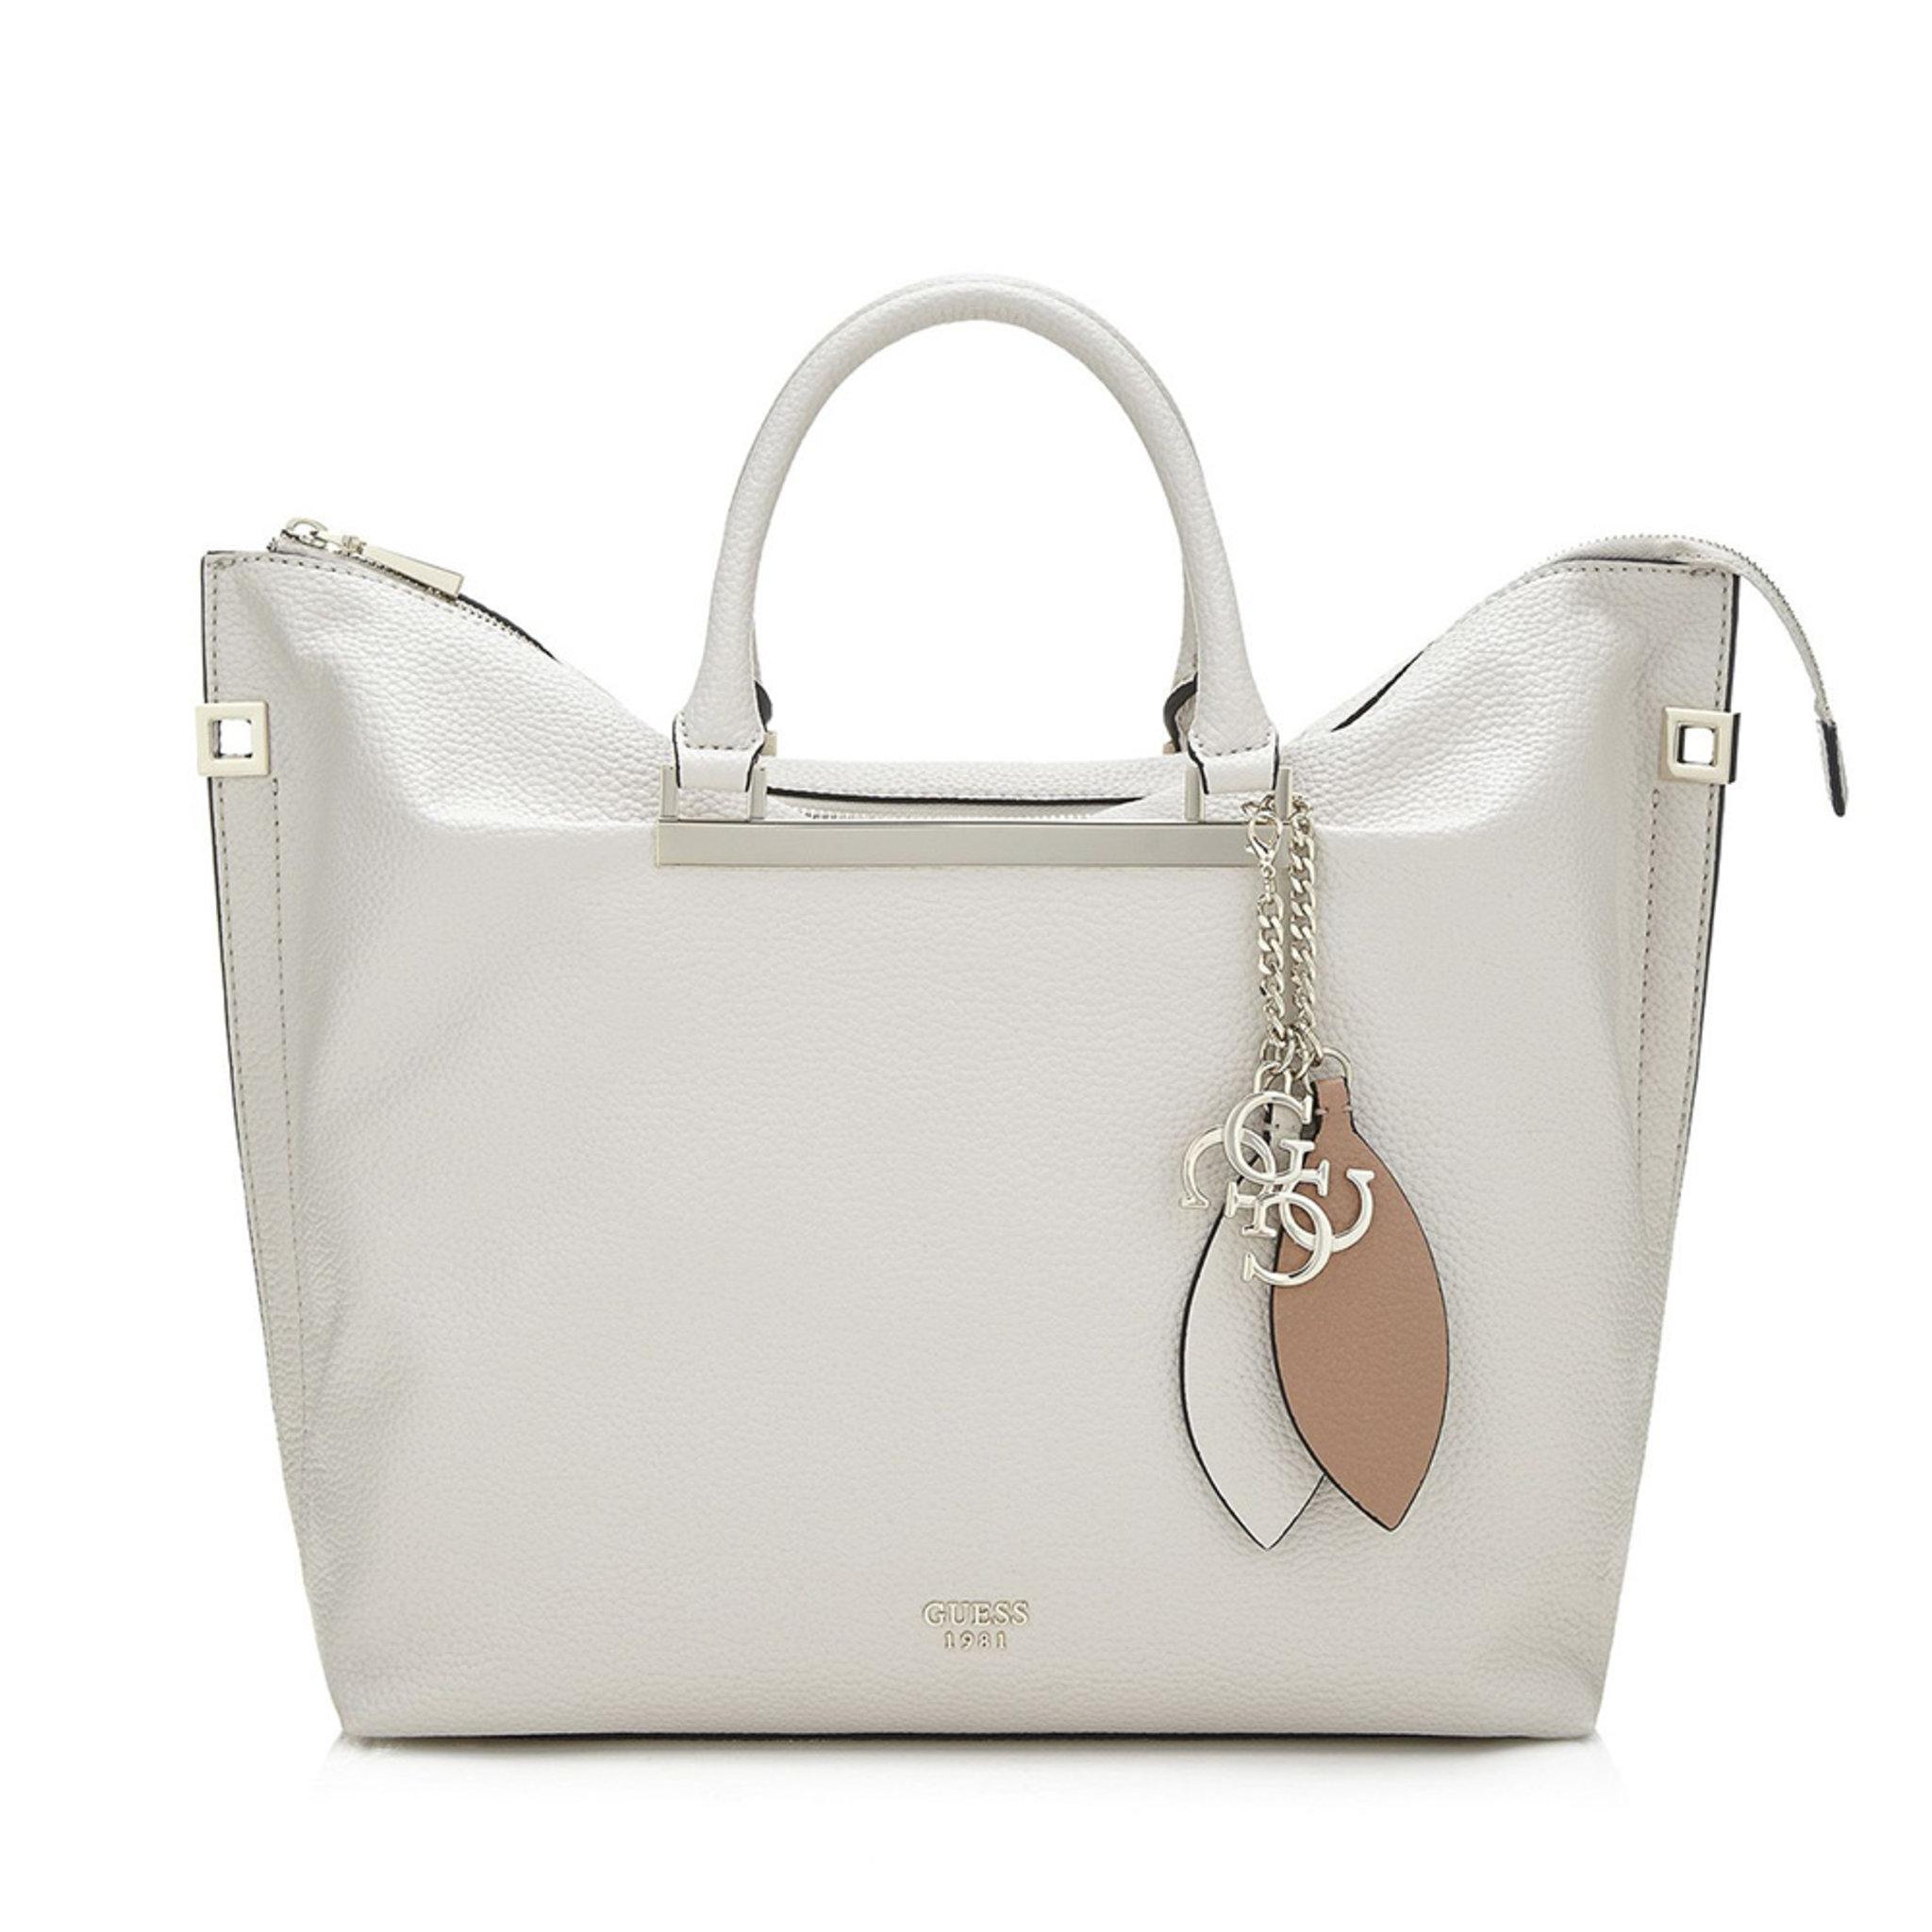 Handbag Lou Lou Large Satchel - Handväskor - Köp online på åhlens.se! d40f5ff2c72aa